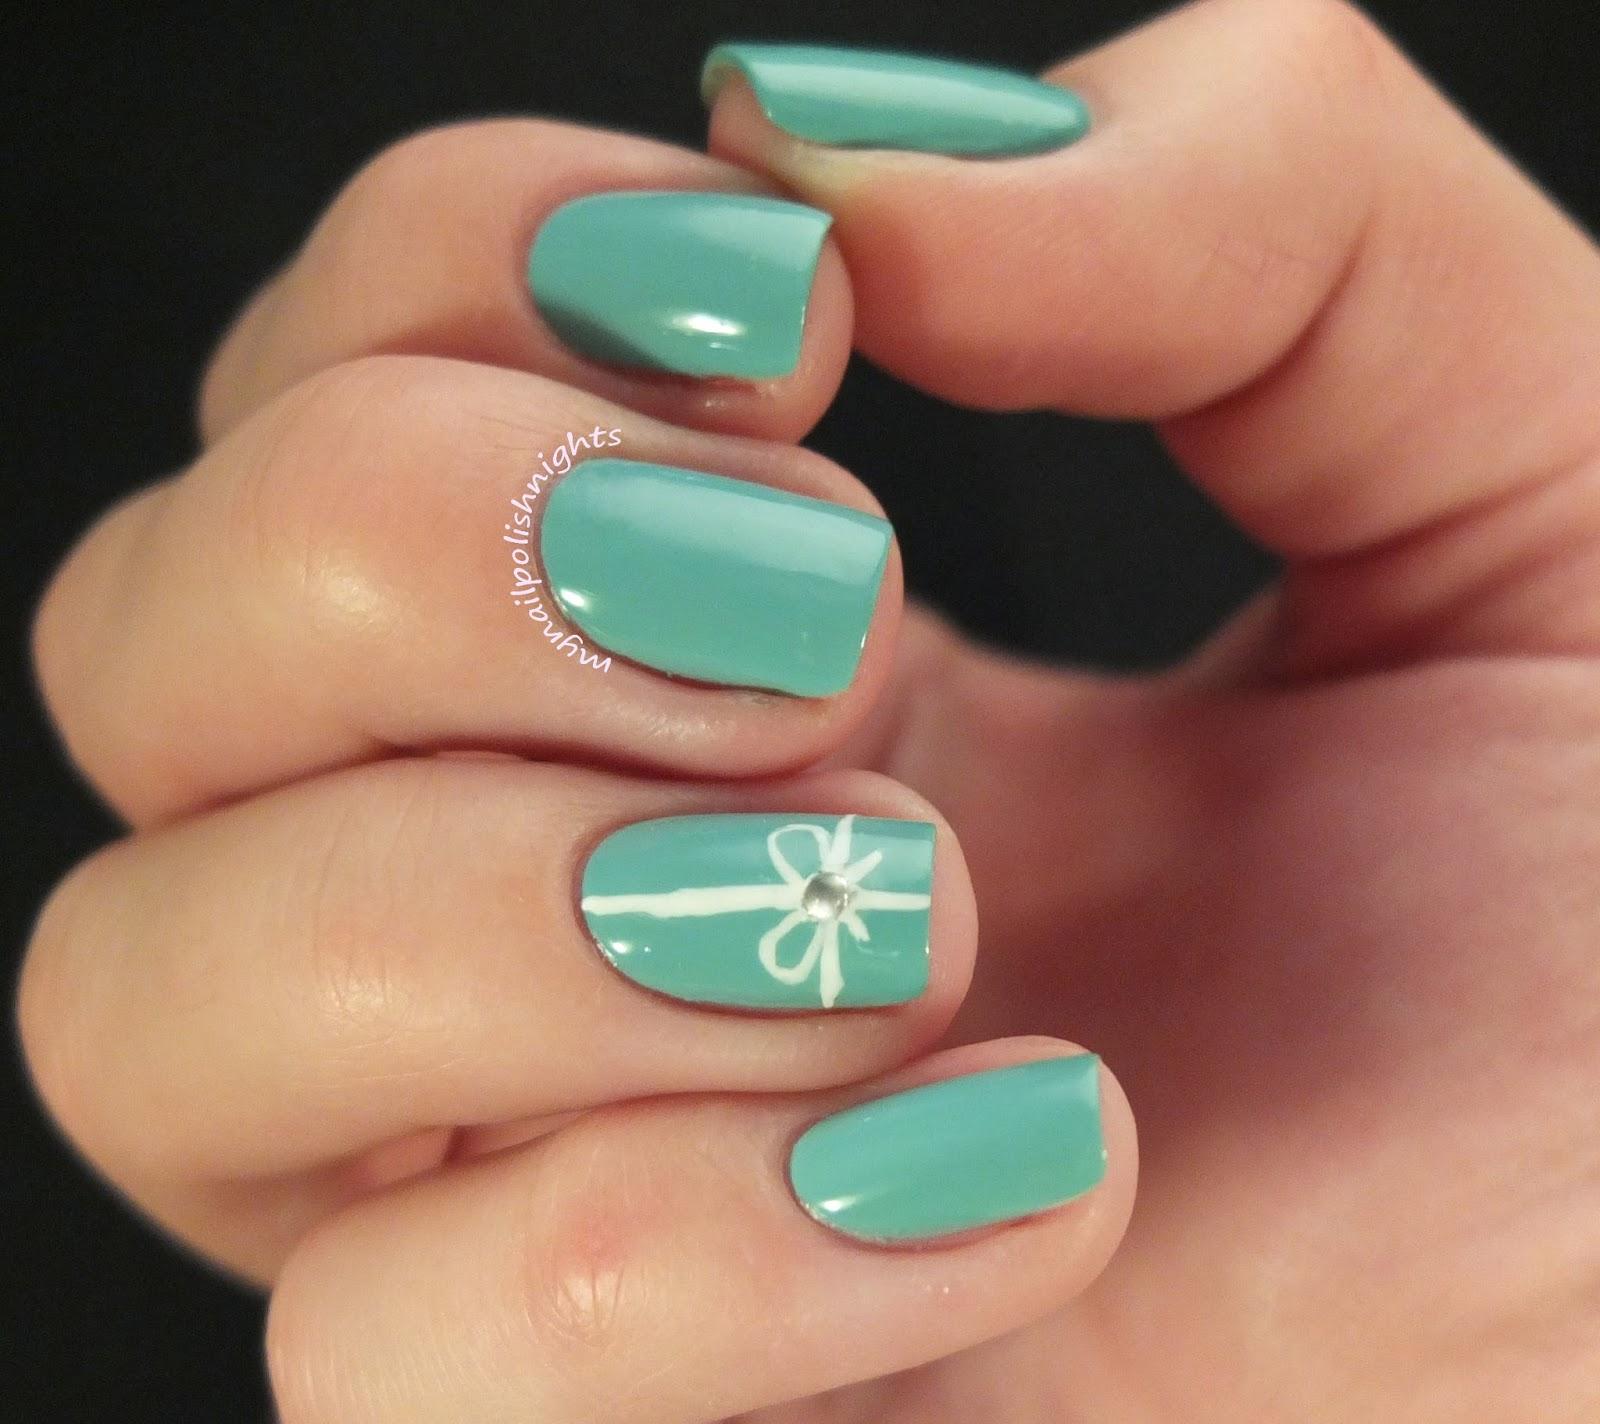 My Nail Polish Nights: My Nail Polish nights Paints Love 4. Tiffany box